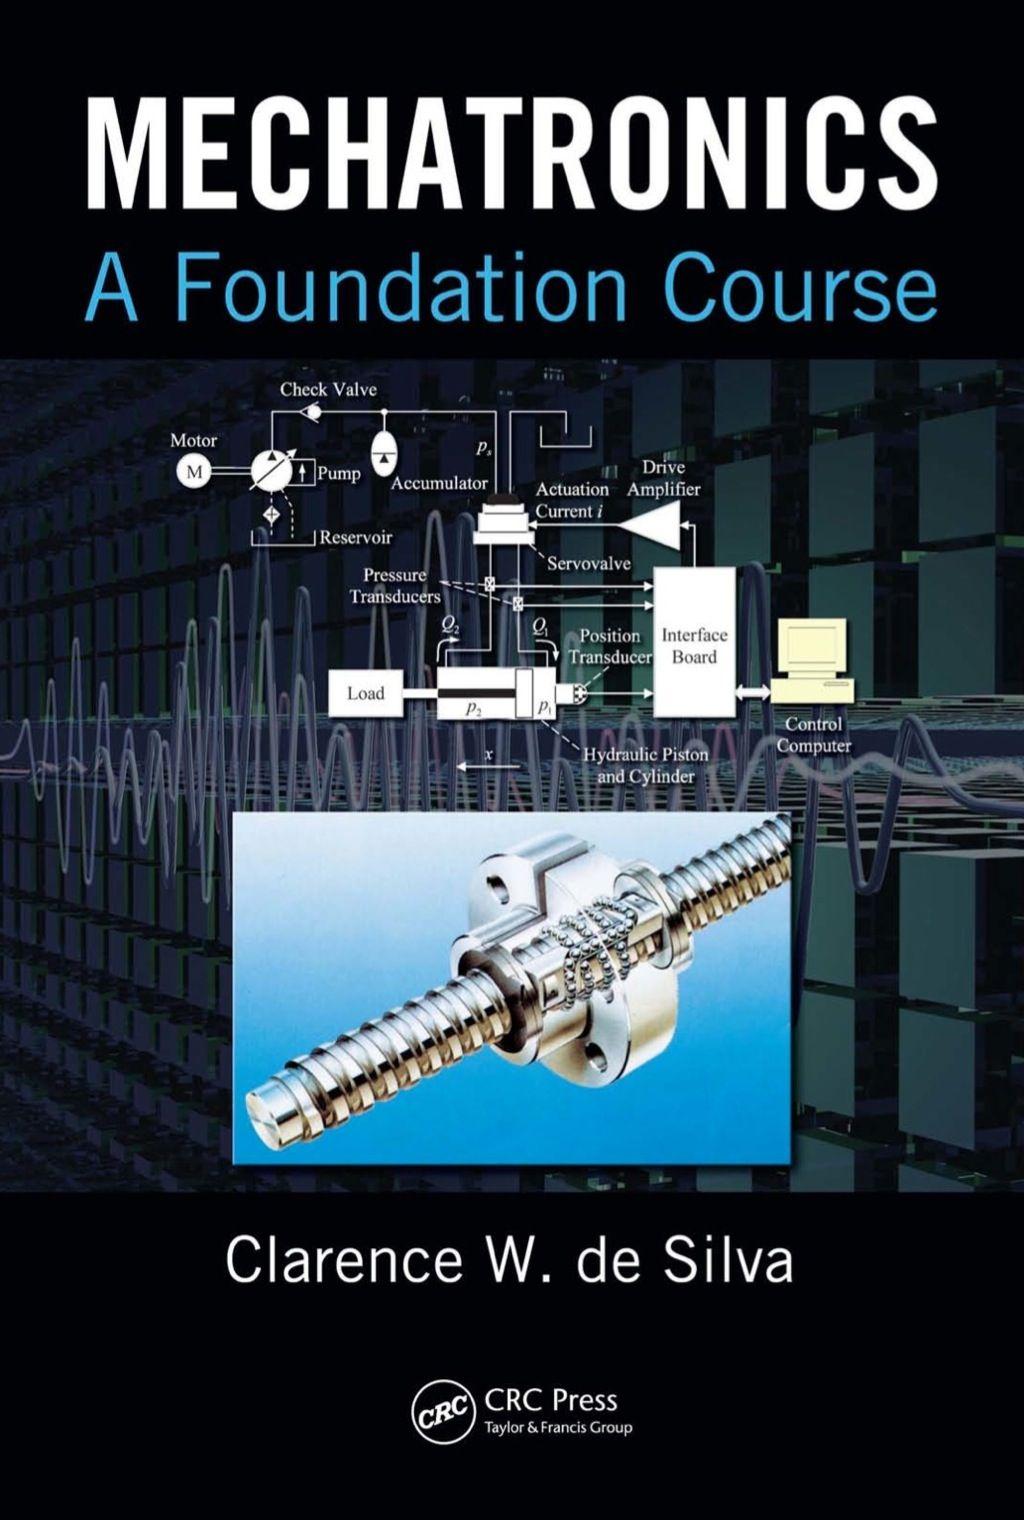 Mechatronics (eBook Rental) | Electronics | Engineering